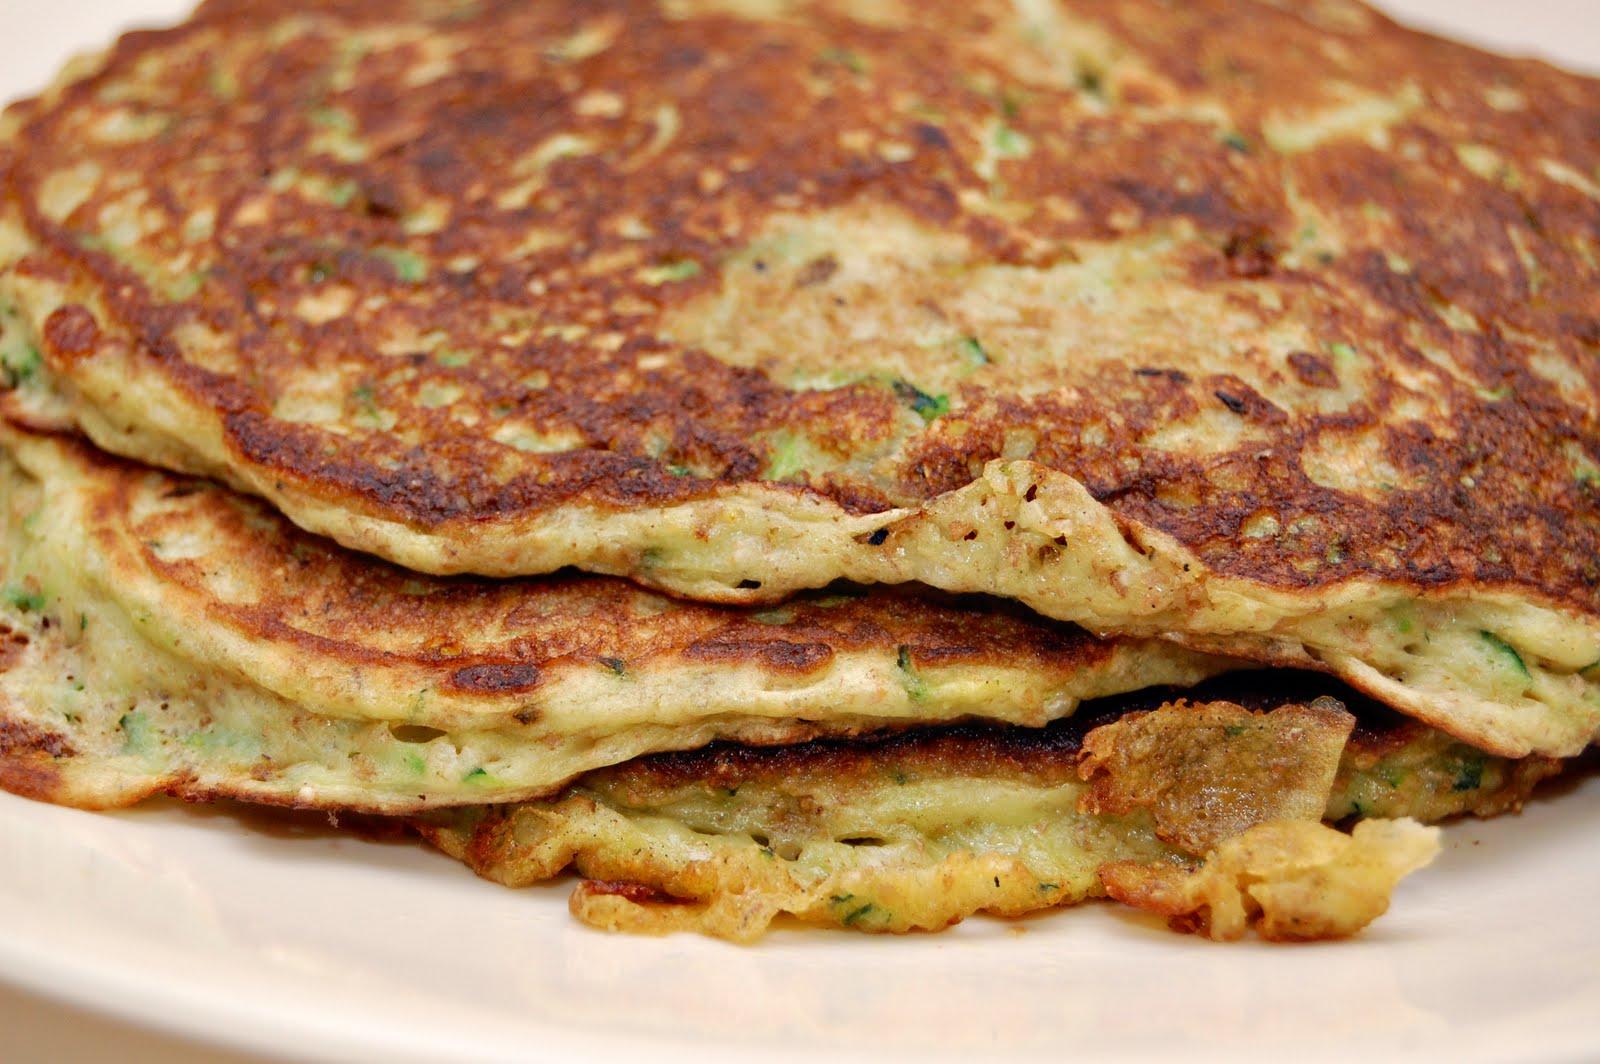 zucchini pancakes 3 c shredded zucchini or zucchini and yellow